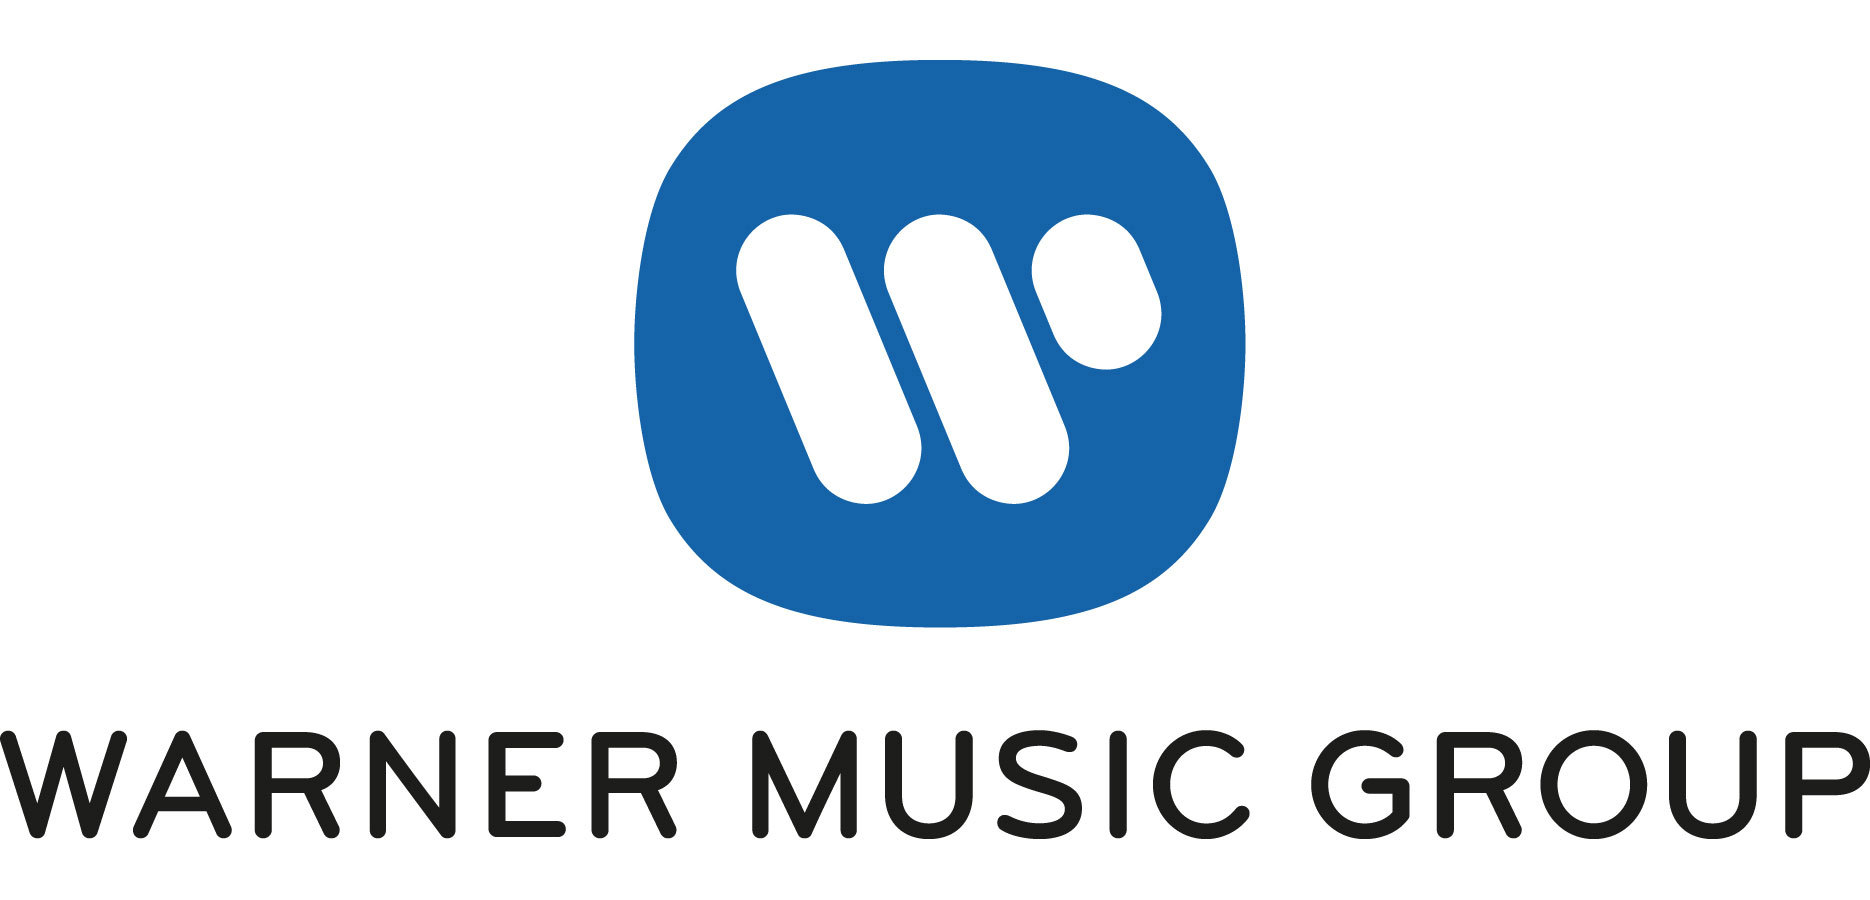 warner music에 대한 이미지 검색결과